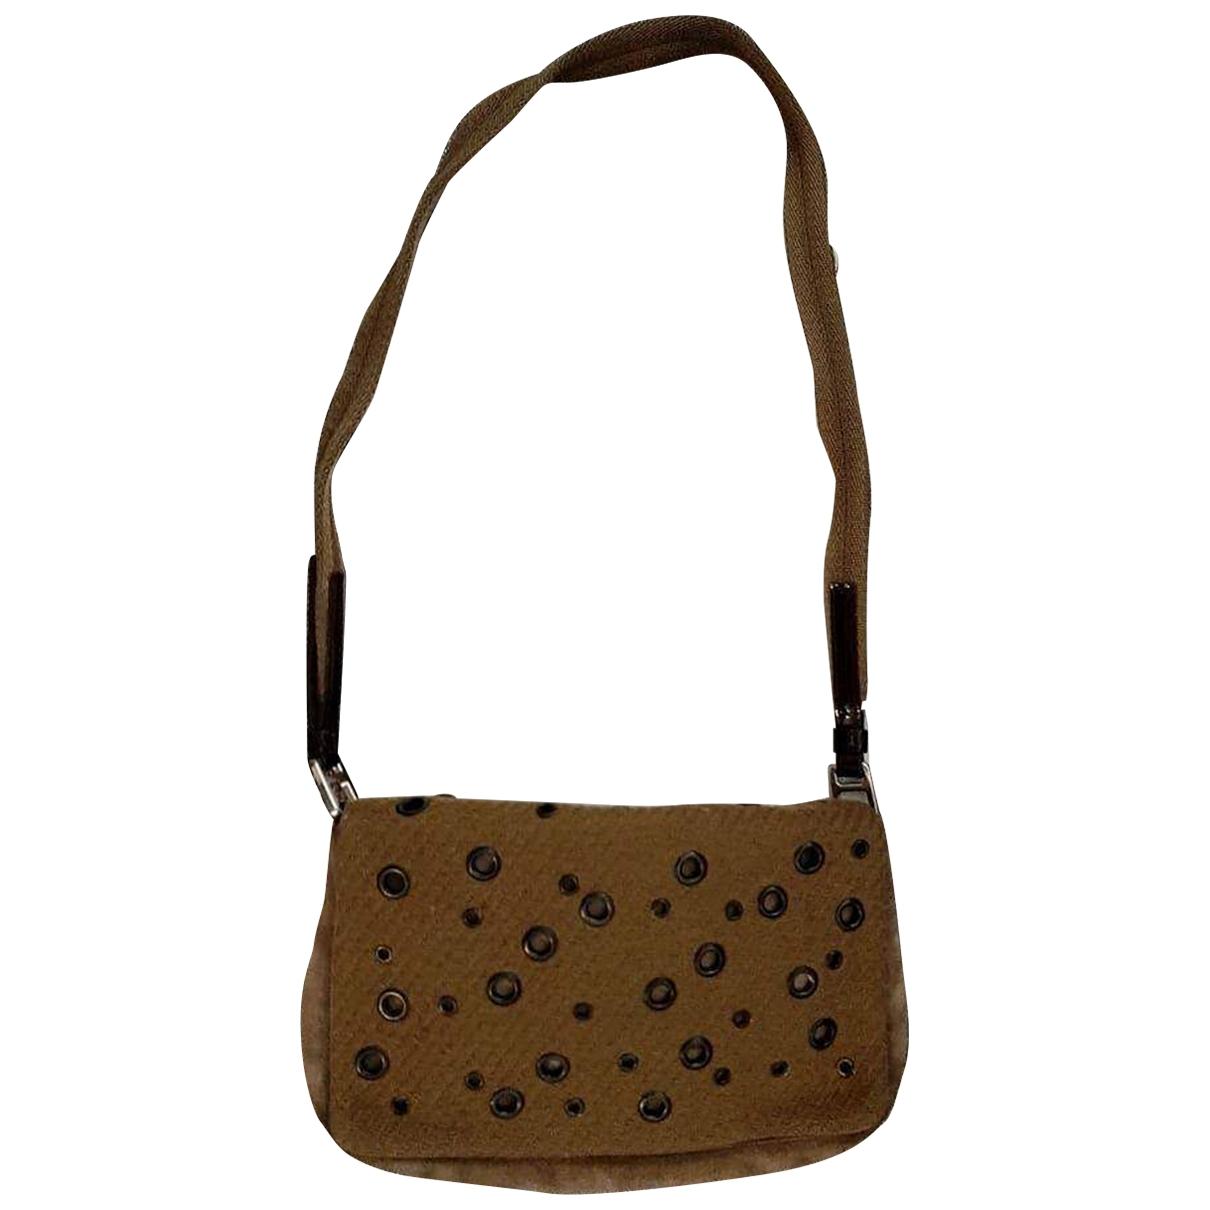 Prada \N Suede handbag for Women \N